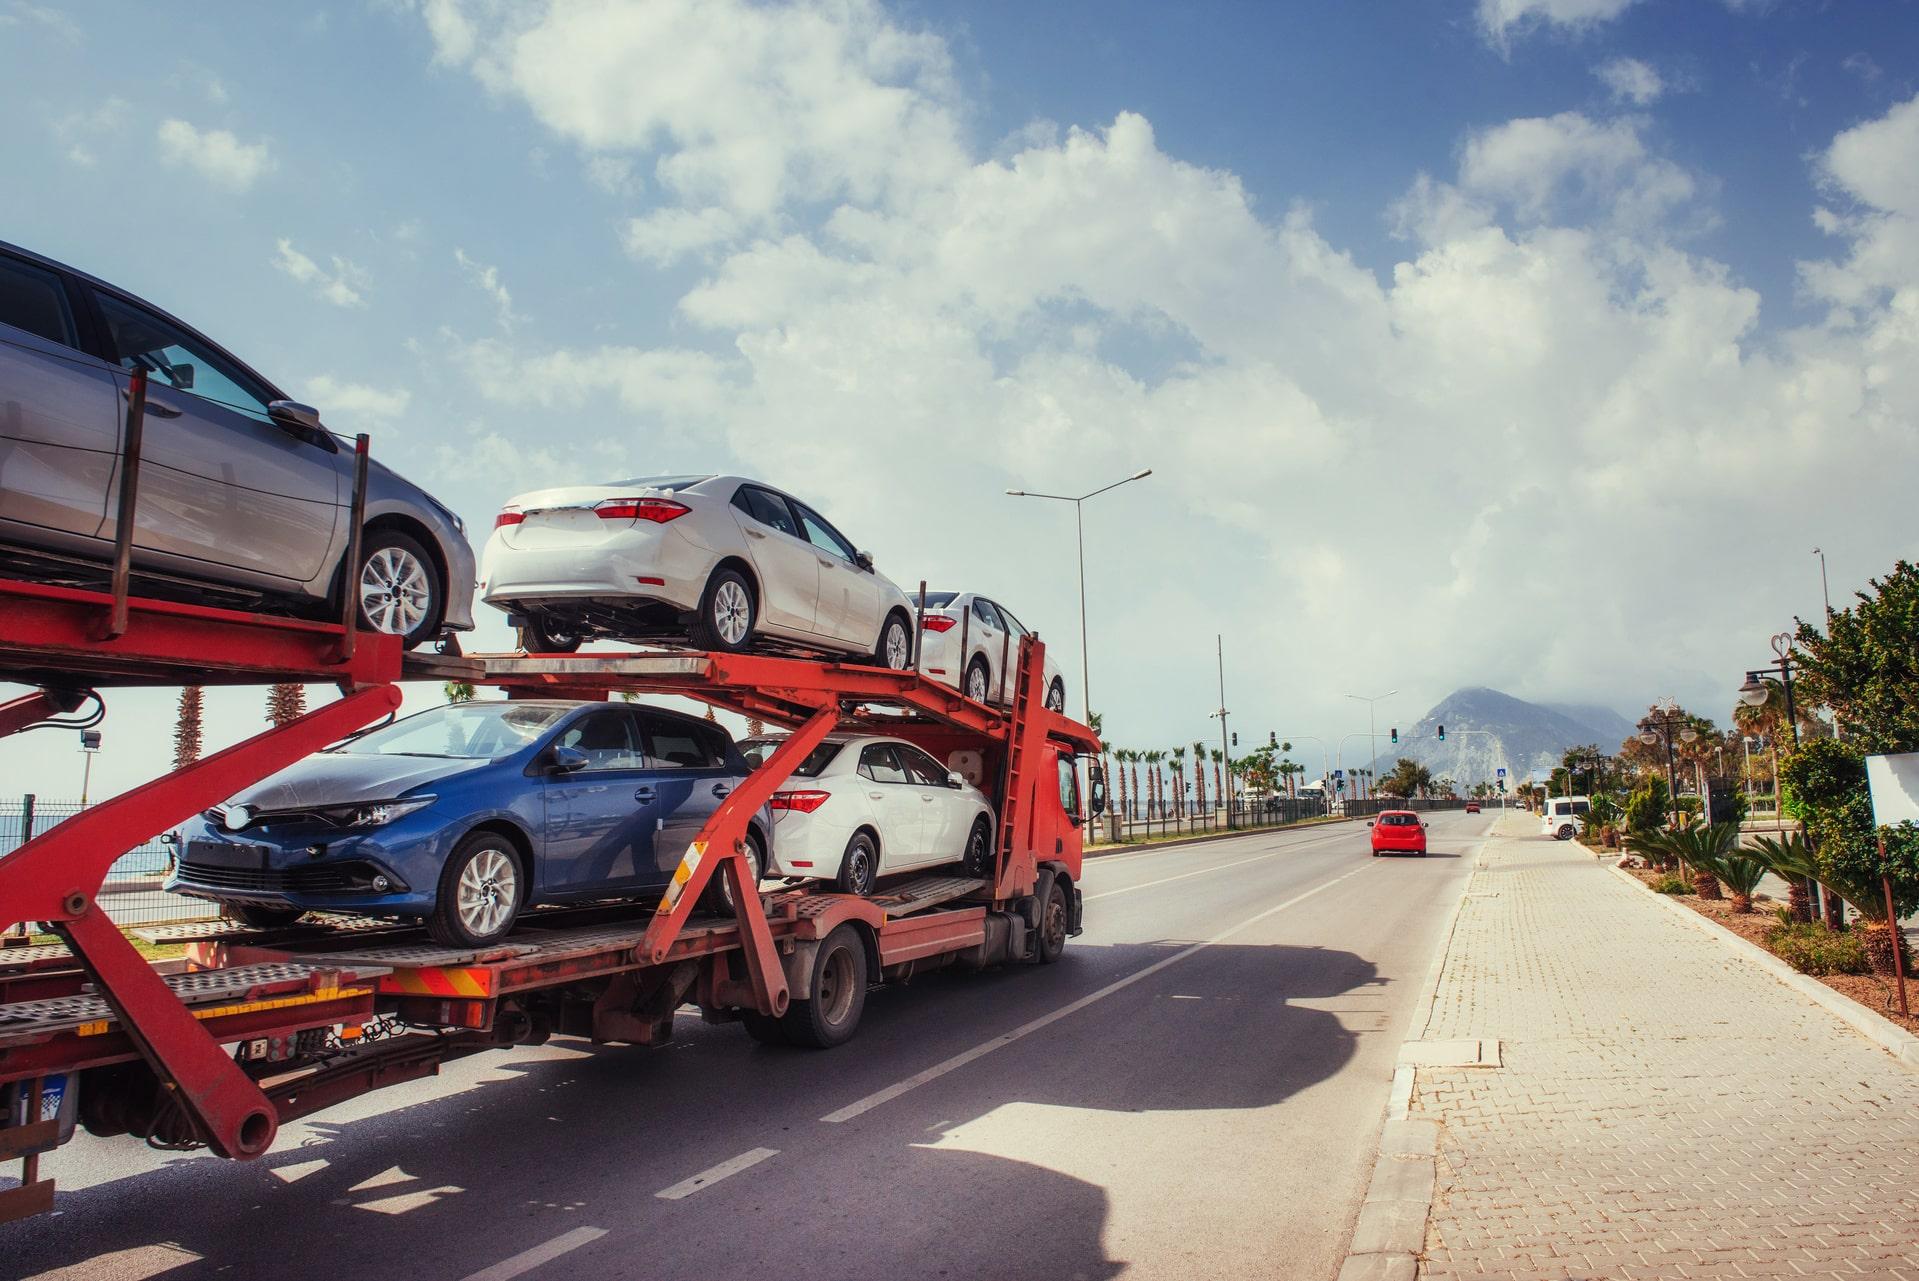 L'achat et la livraison de voiture neuve ou d'occasion à domicile n'est plus un rêve !